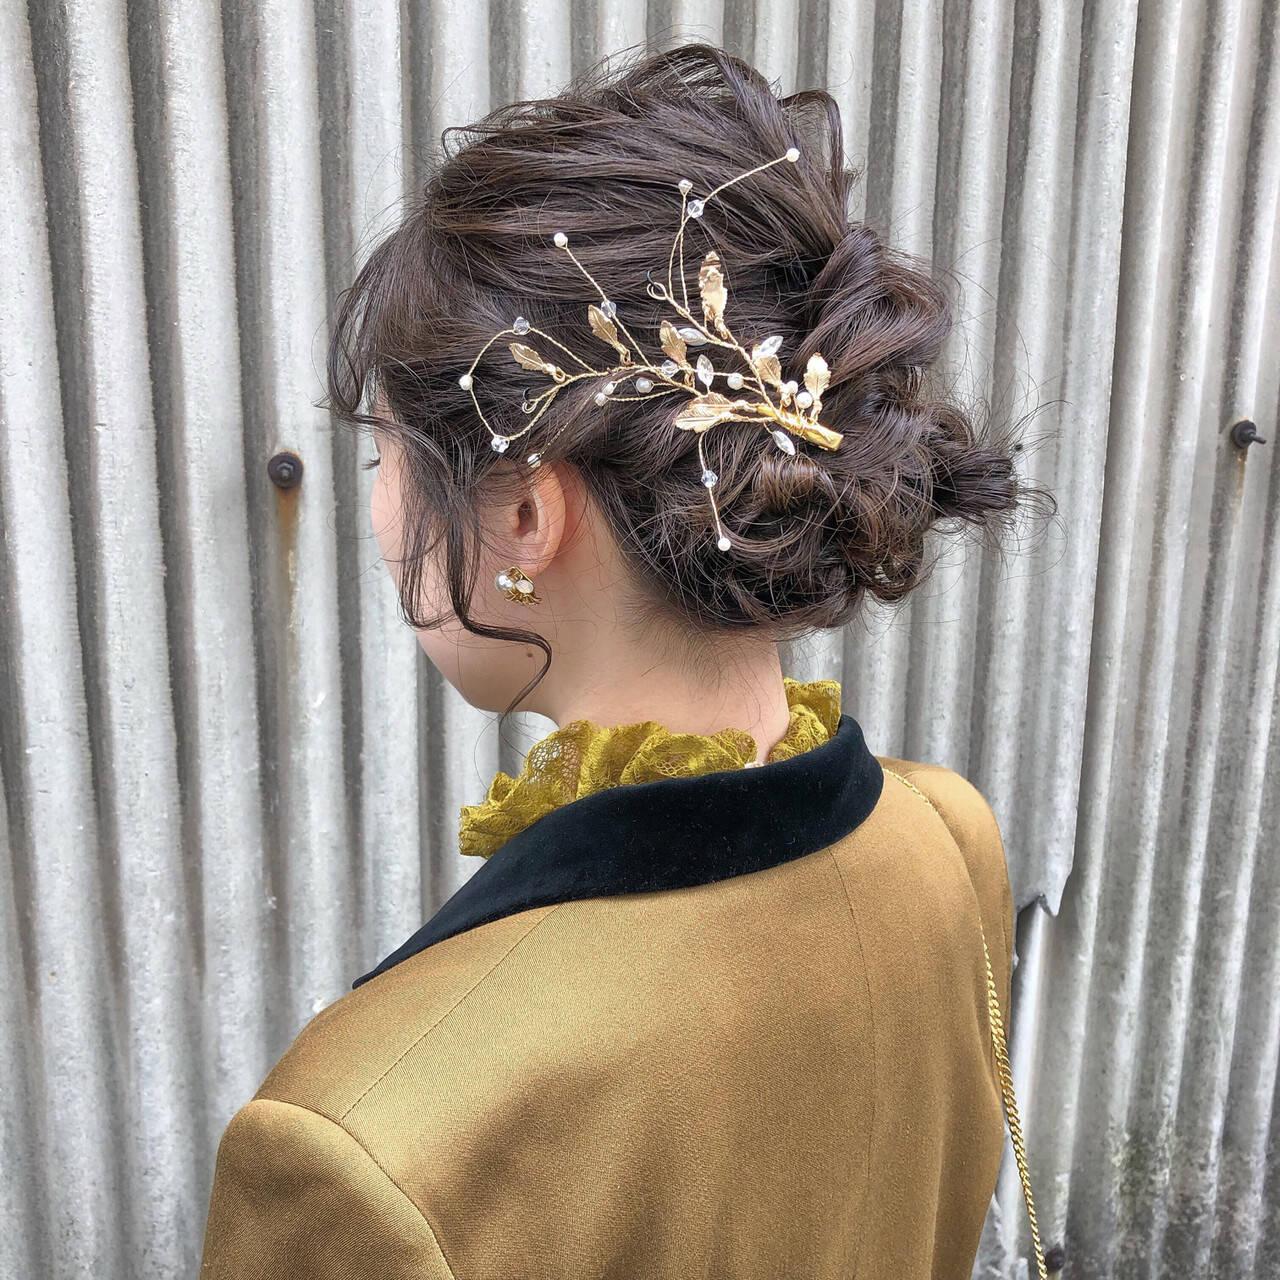 ヘアアレンジ 簡単ヘアアレンジ ヘアセット ナチュラルヘアスタイルや髪型の写真・画像